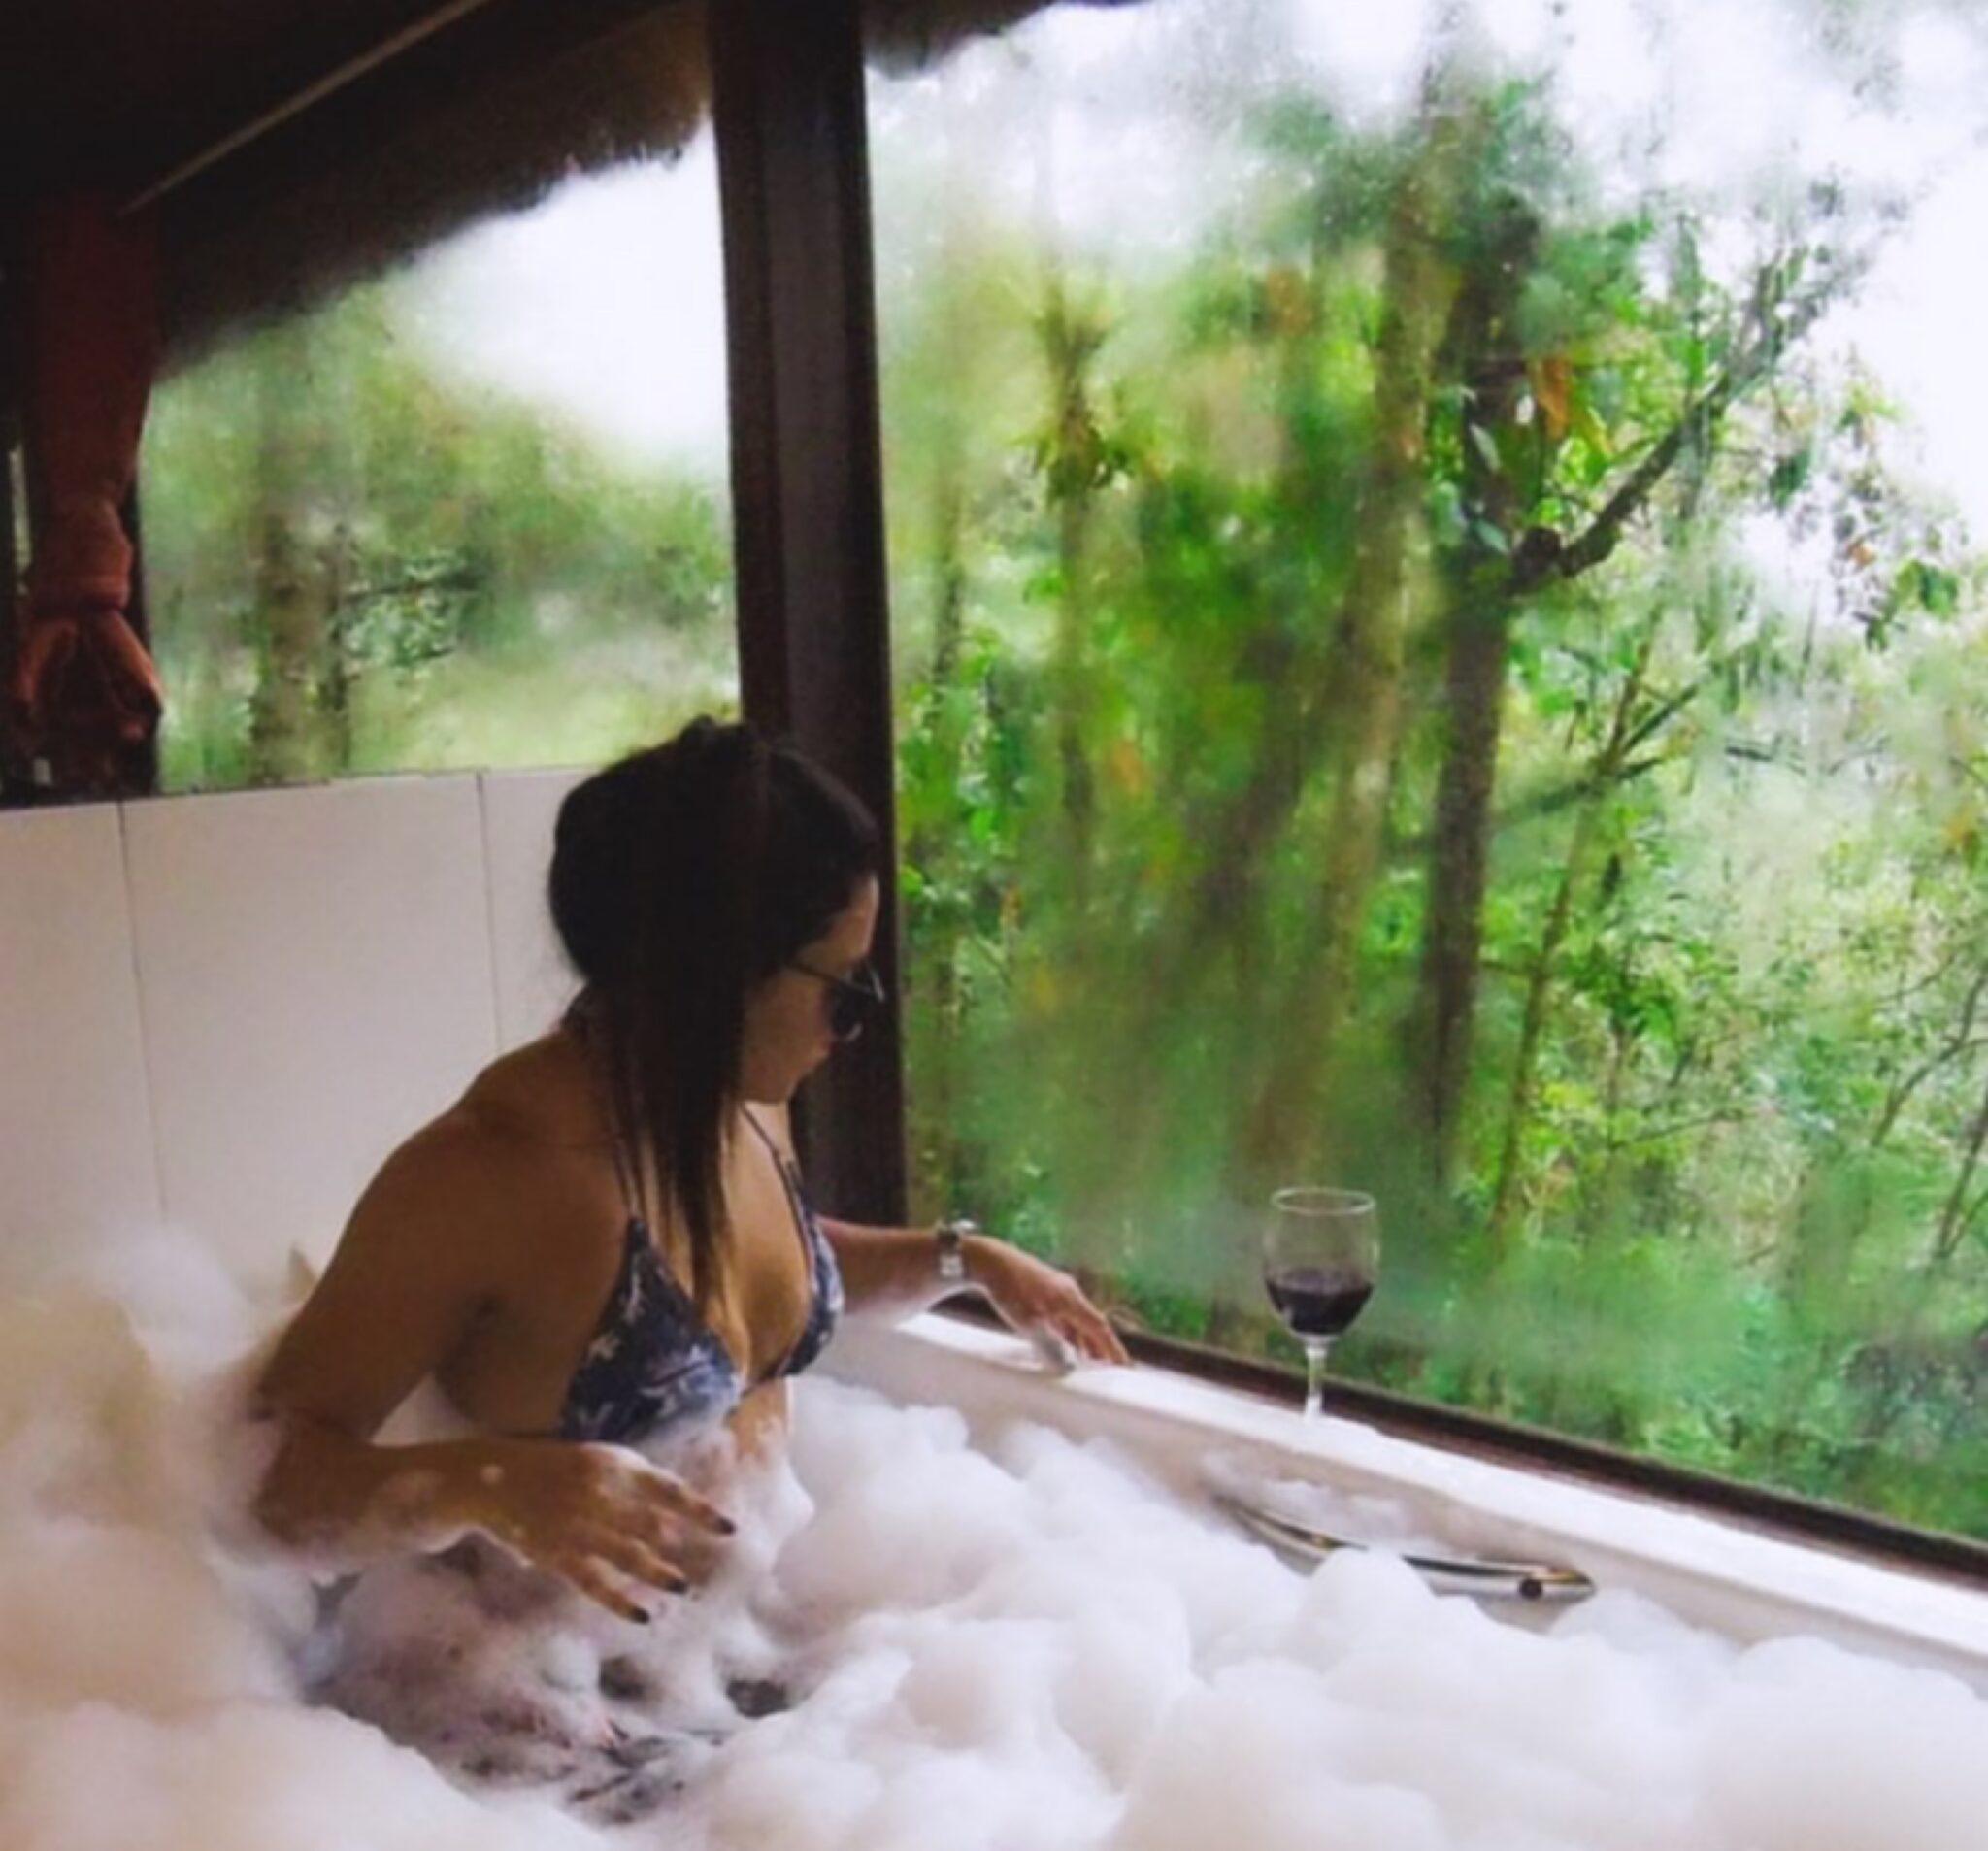 La chica en la bañera de bikini, bebiendo vino junto a una gran ventana con vista al bosque Visconde de Mauá